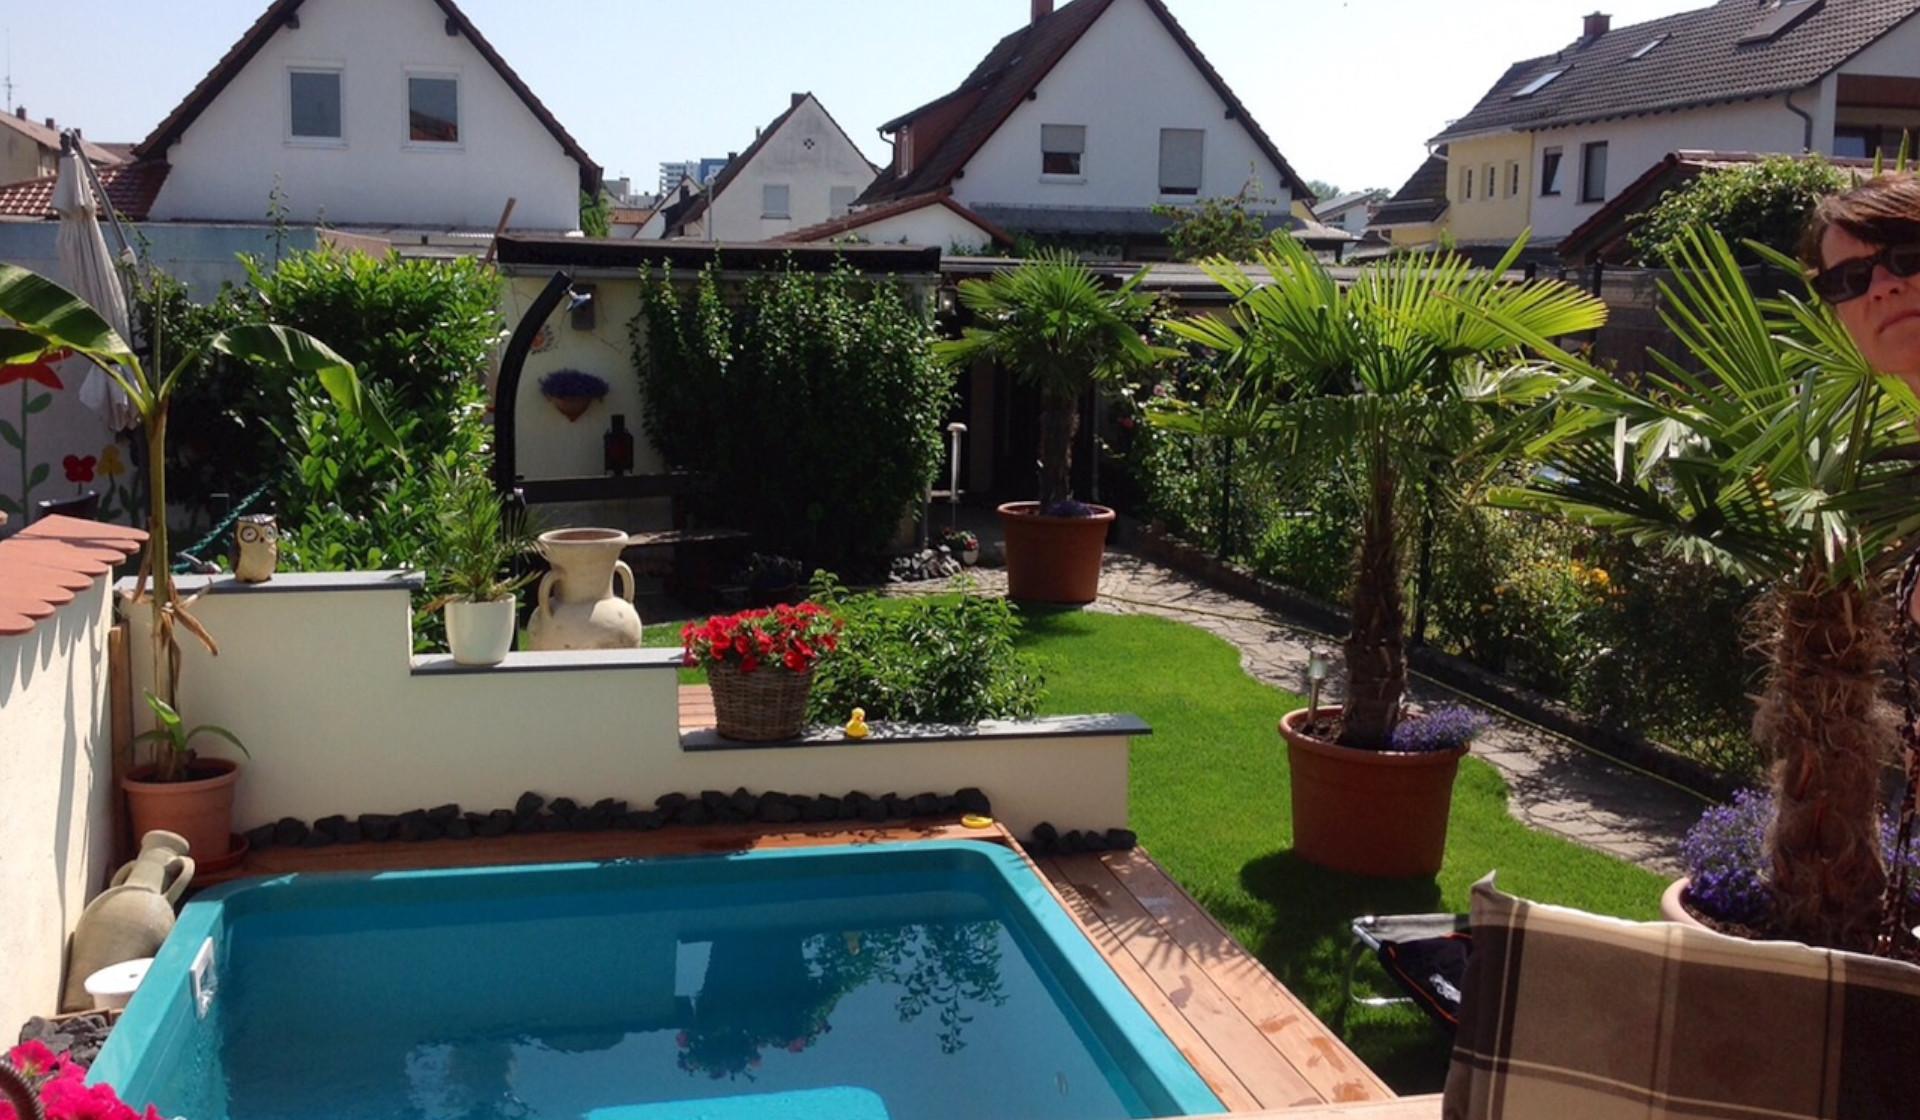 Gartenpool aus kunststoff for Gartenpool rechteckig